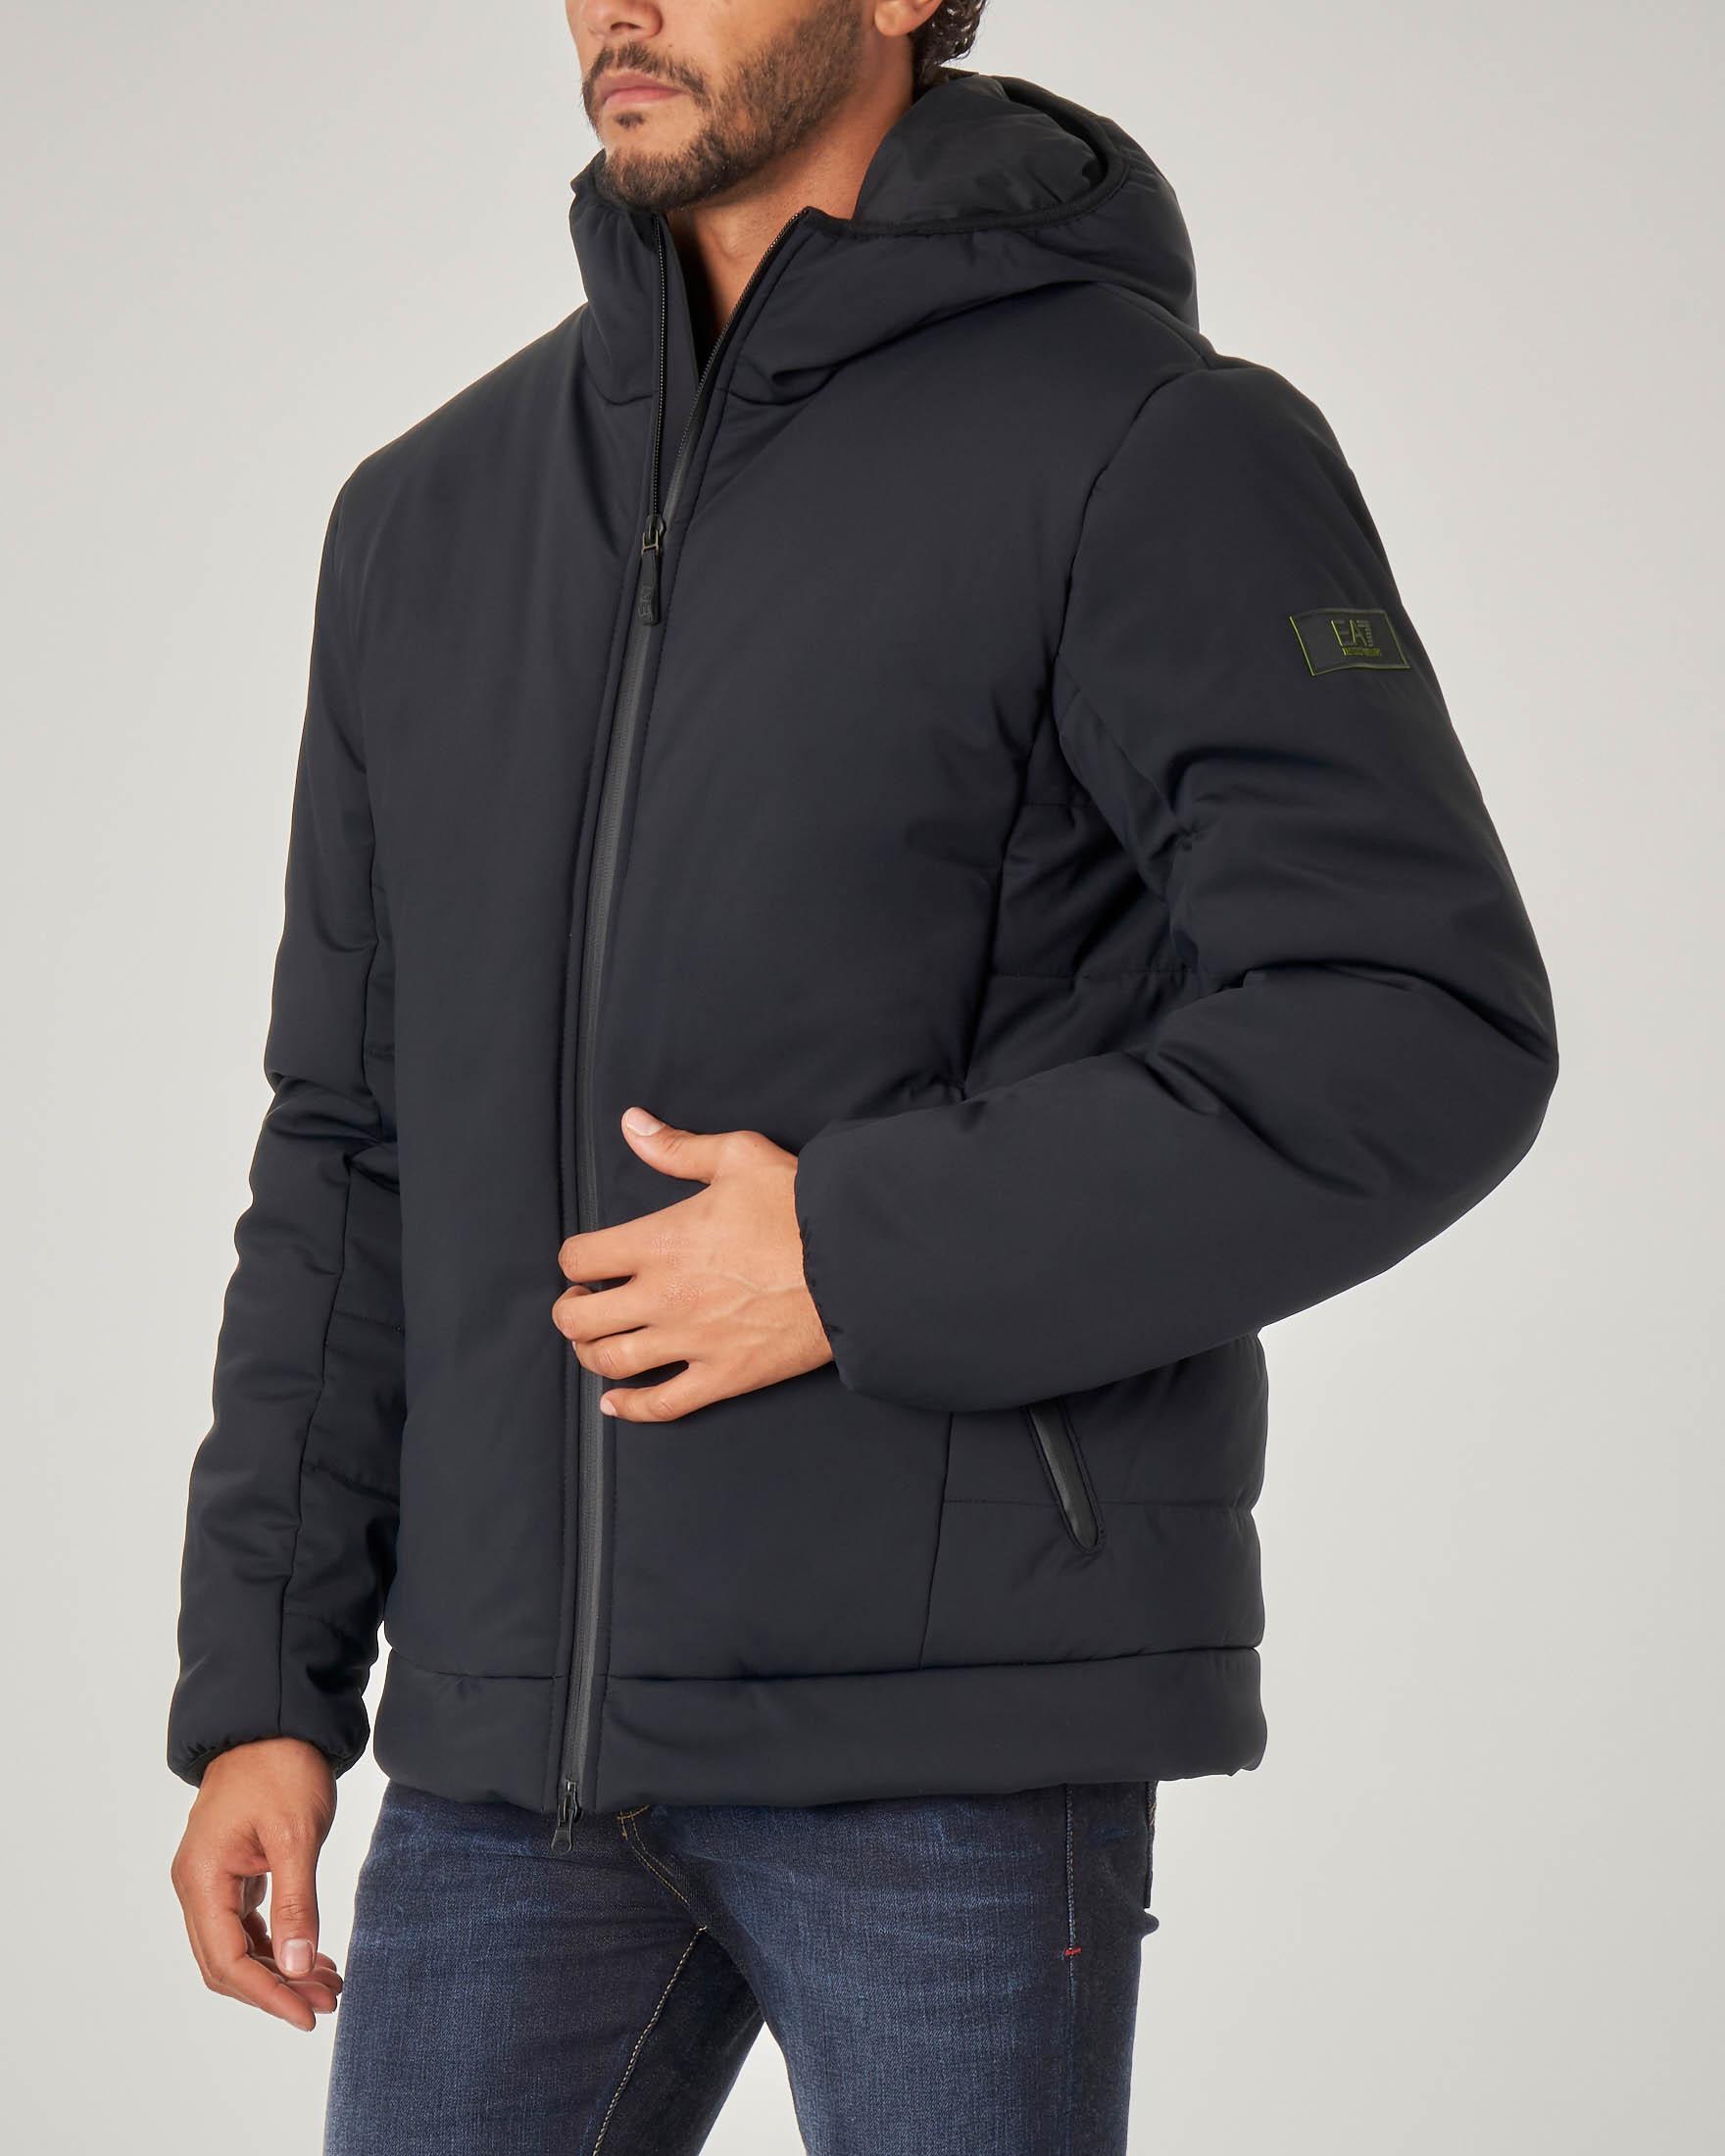 Giacca nera in tessuto tecnico stretch con cappuccio e zip termonastrate